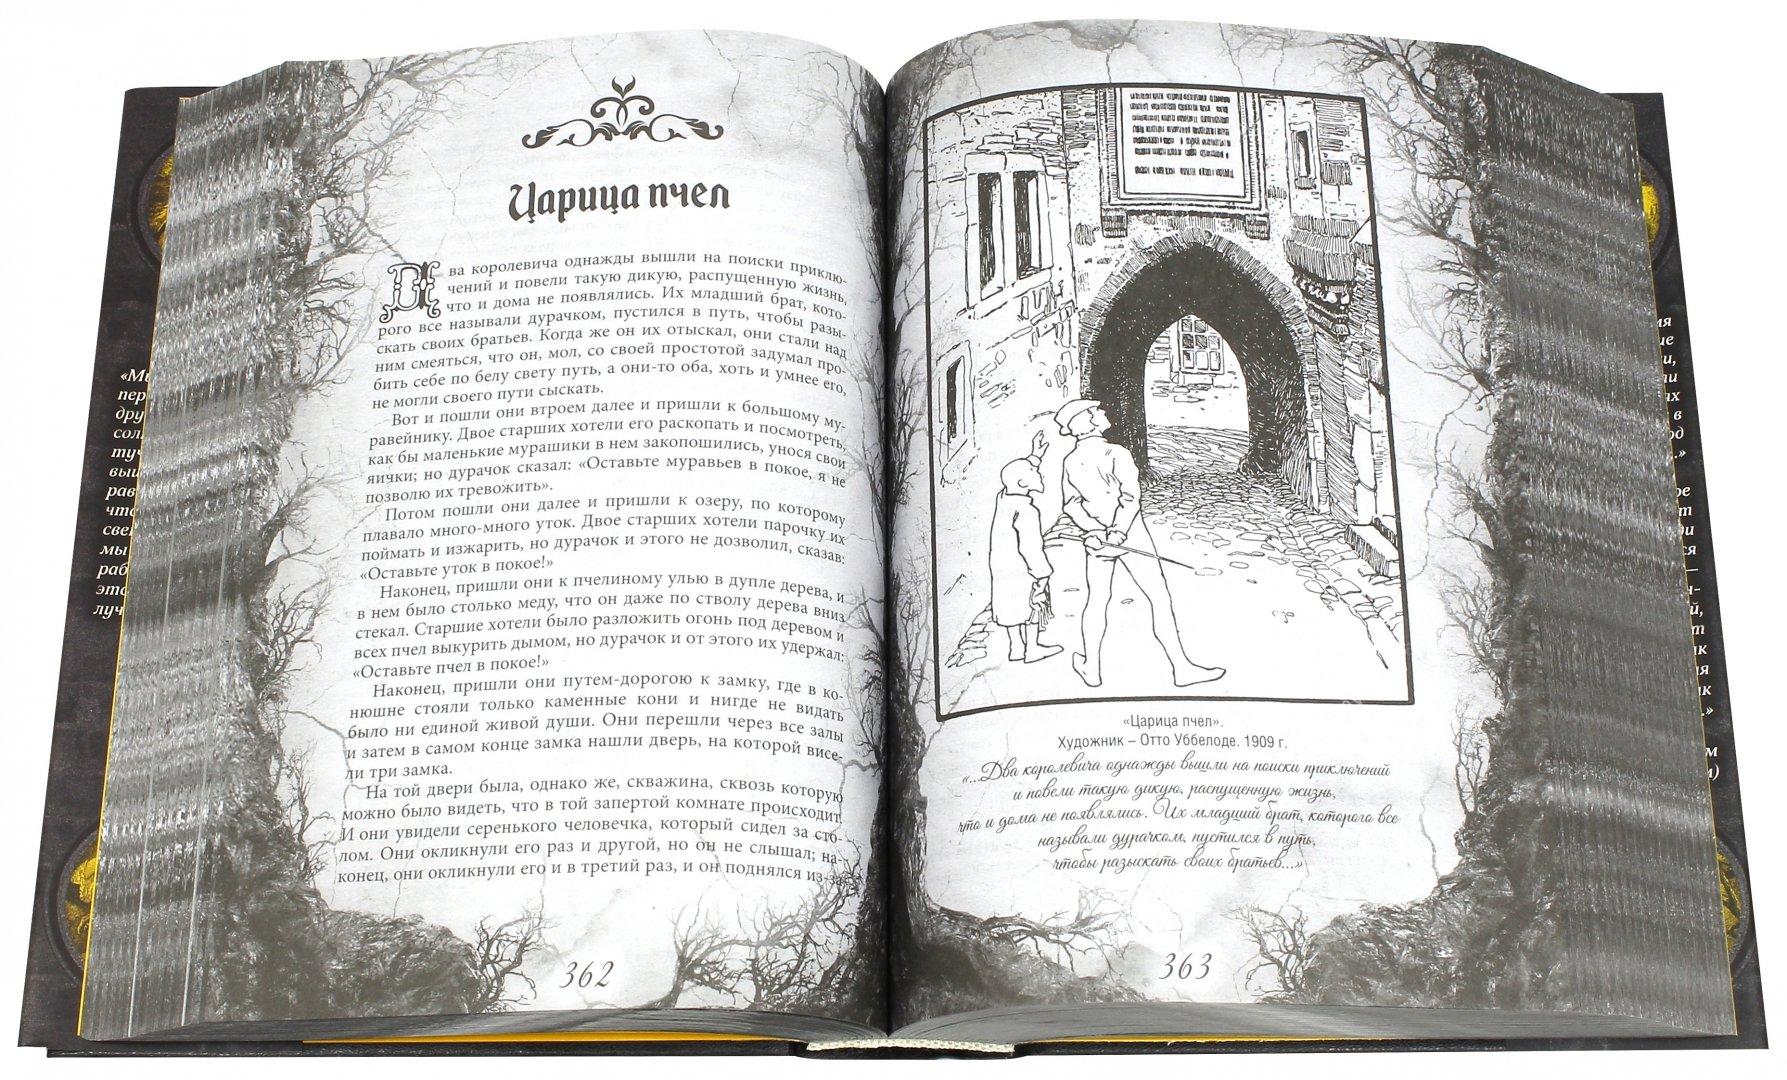 штанга книги братьев гримм оригинал так забываем подтягивать